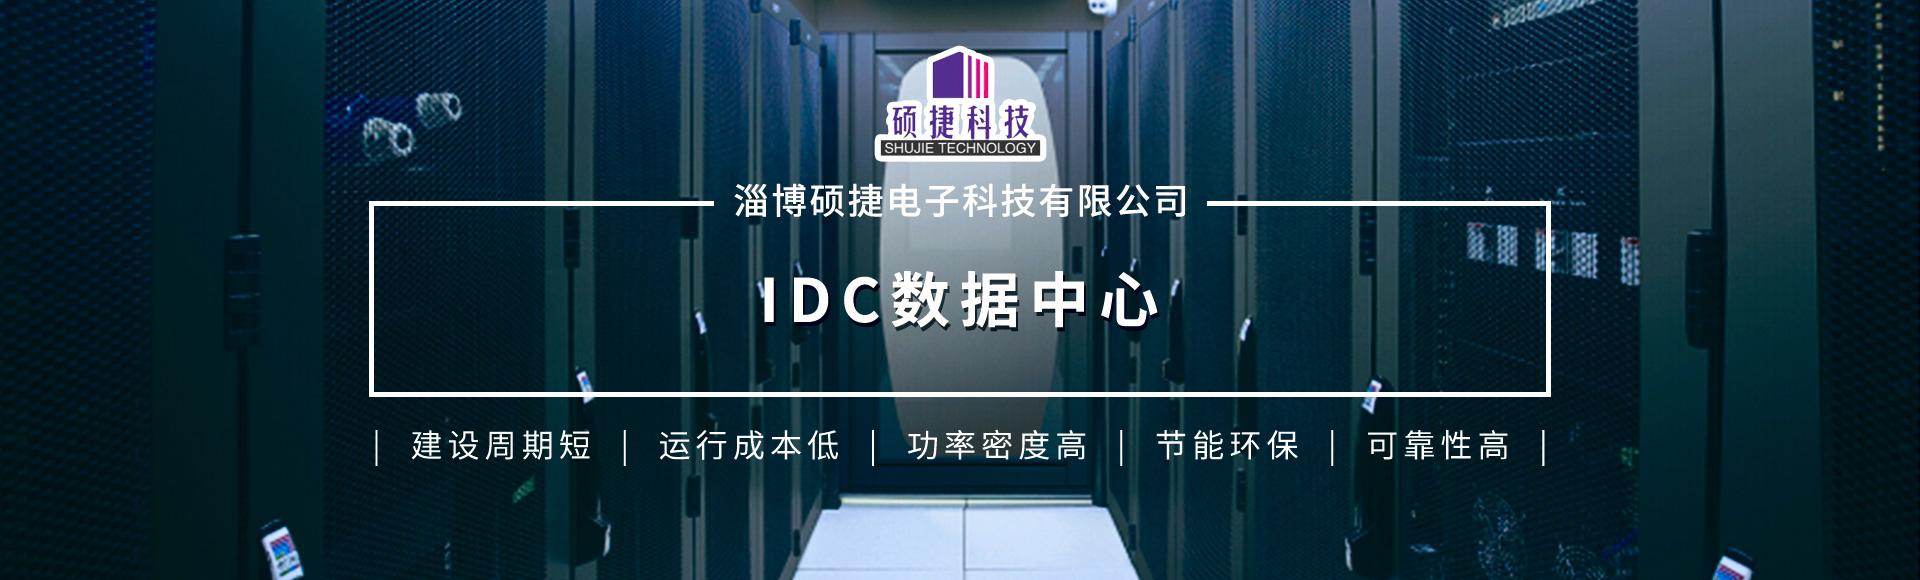 淄博硕捷电子科技有限公司